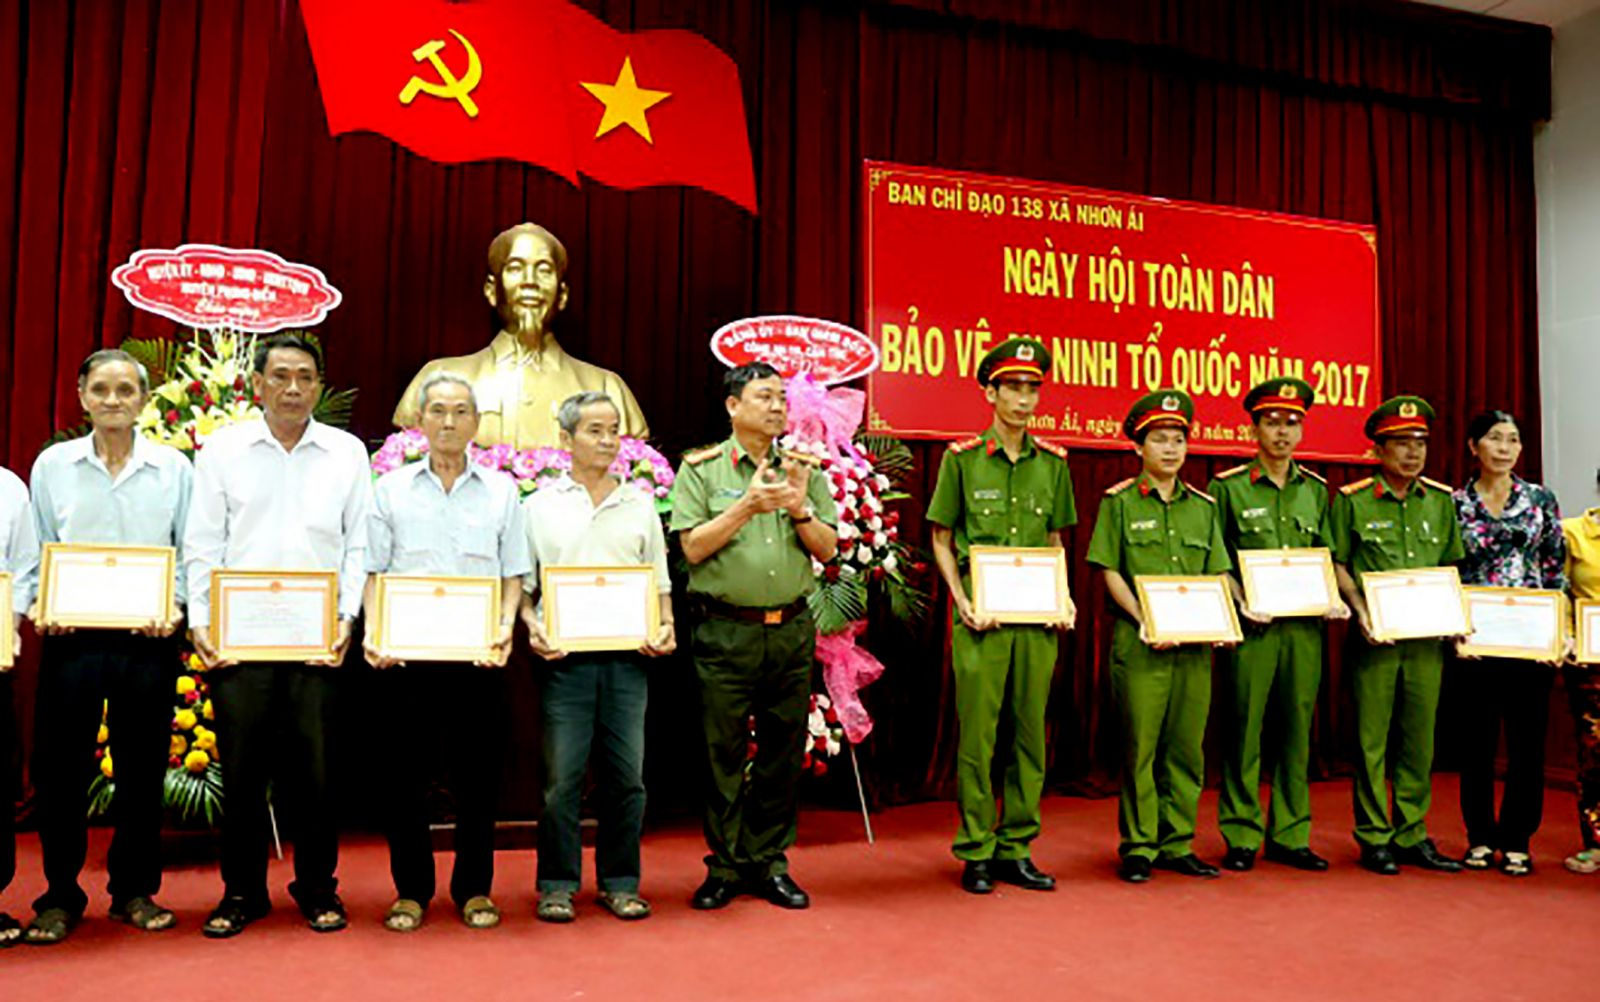 Đại tá Trần Ngọc Hạnh, Giám đốc Công an TP Cần Thơ trao Giấy khen của Giám đốc Công an thành phố cho các cá nhân đạt thành tích tốt trong phong trào TDBVANTQ ở xã Nhơn Ái, huyện Phong Điền.